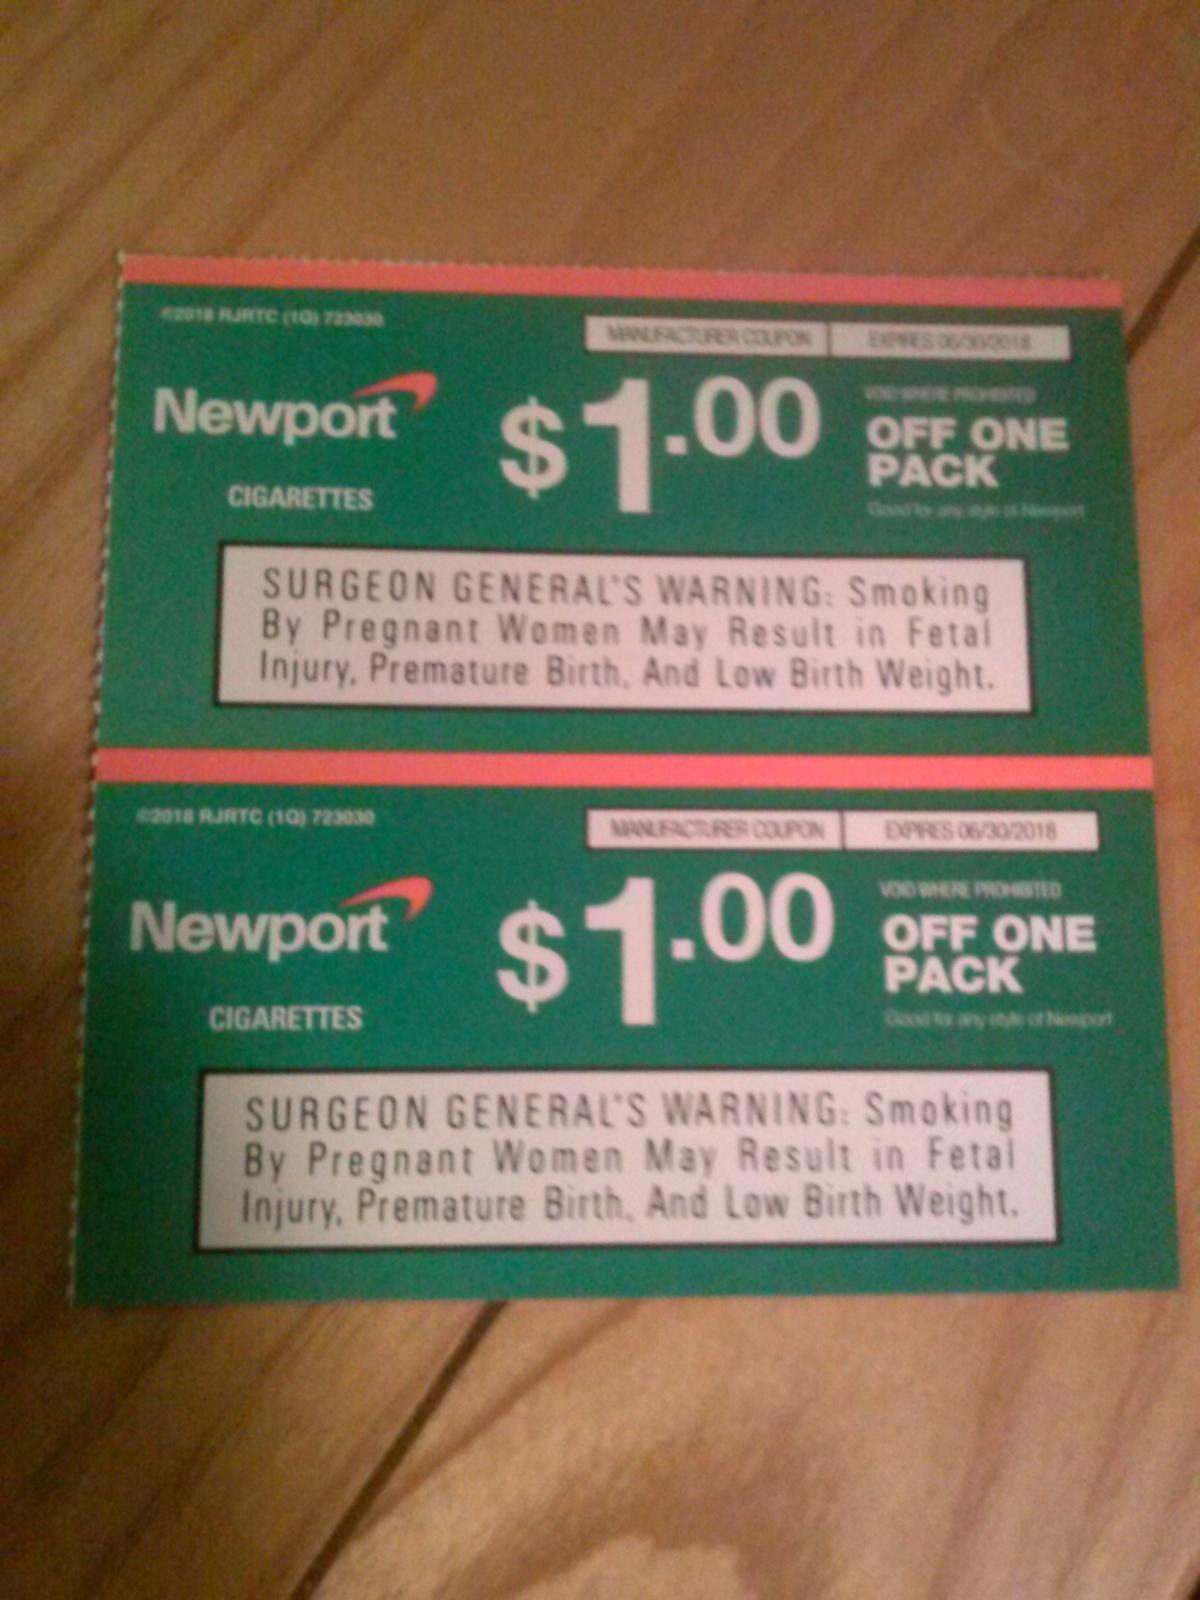 Newport digital coupons